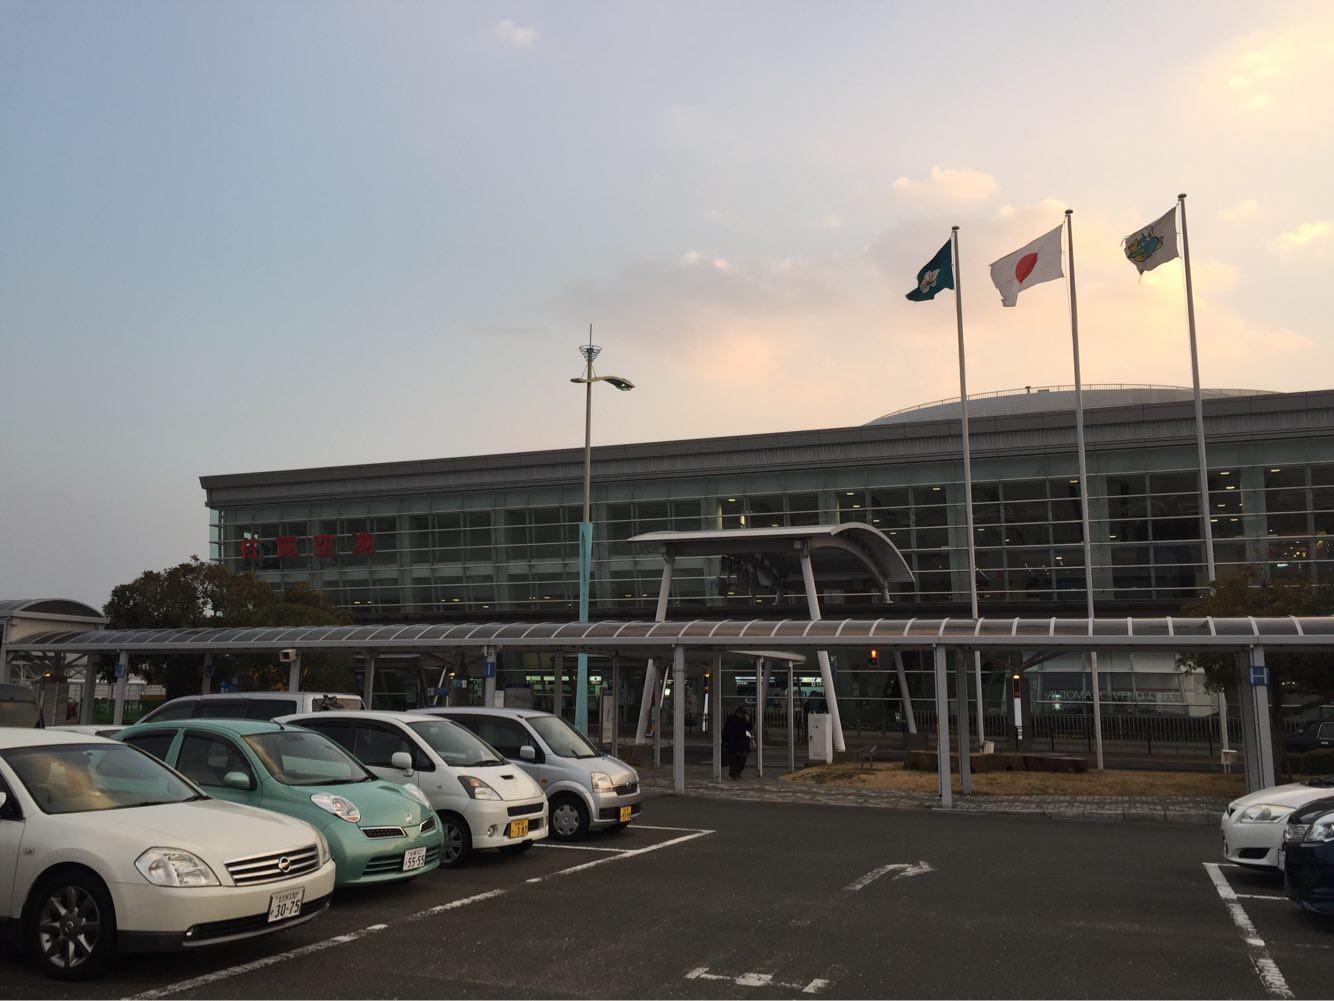 佐賀空港ってどうよ!?実際に利用してみると意外と便利だった!何日泊めても駐車場無料!